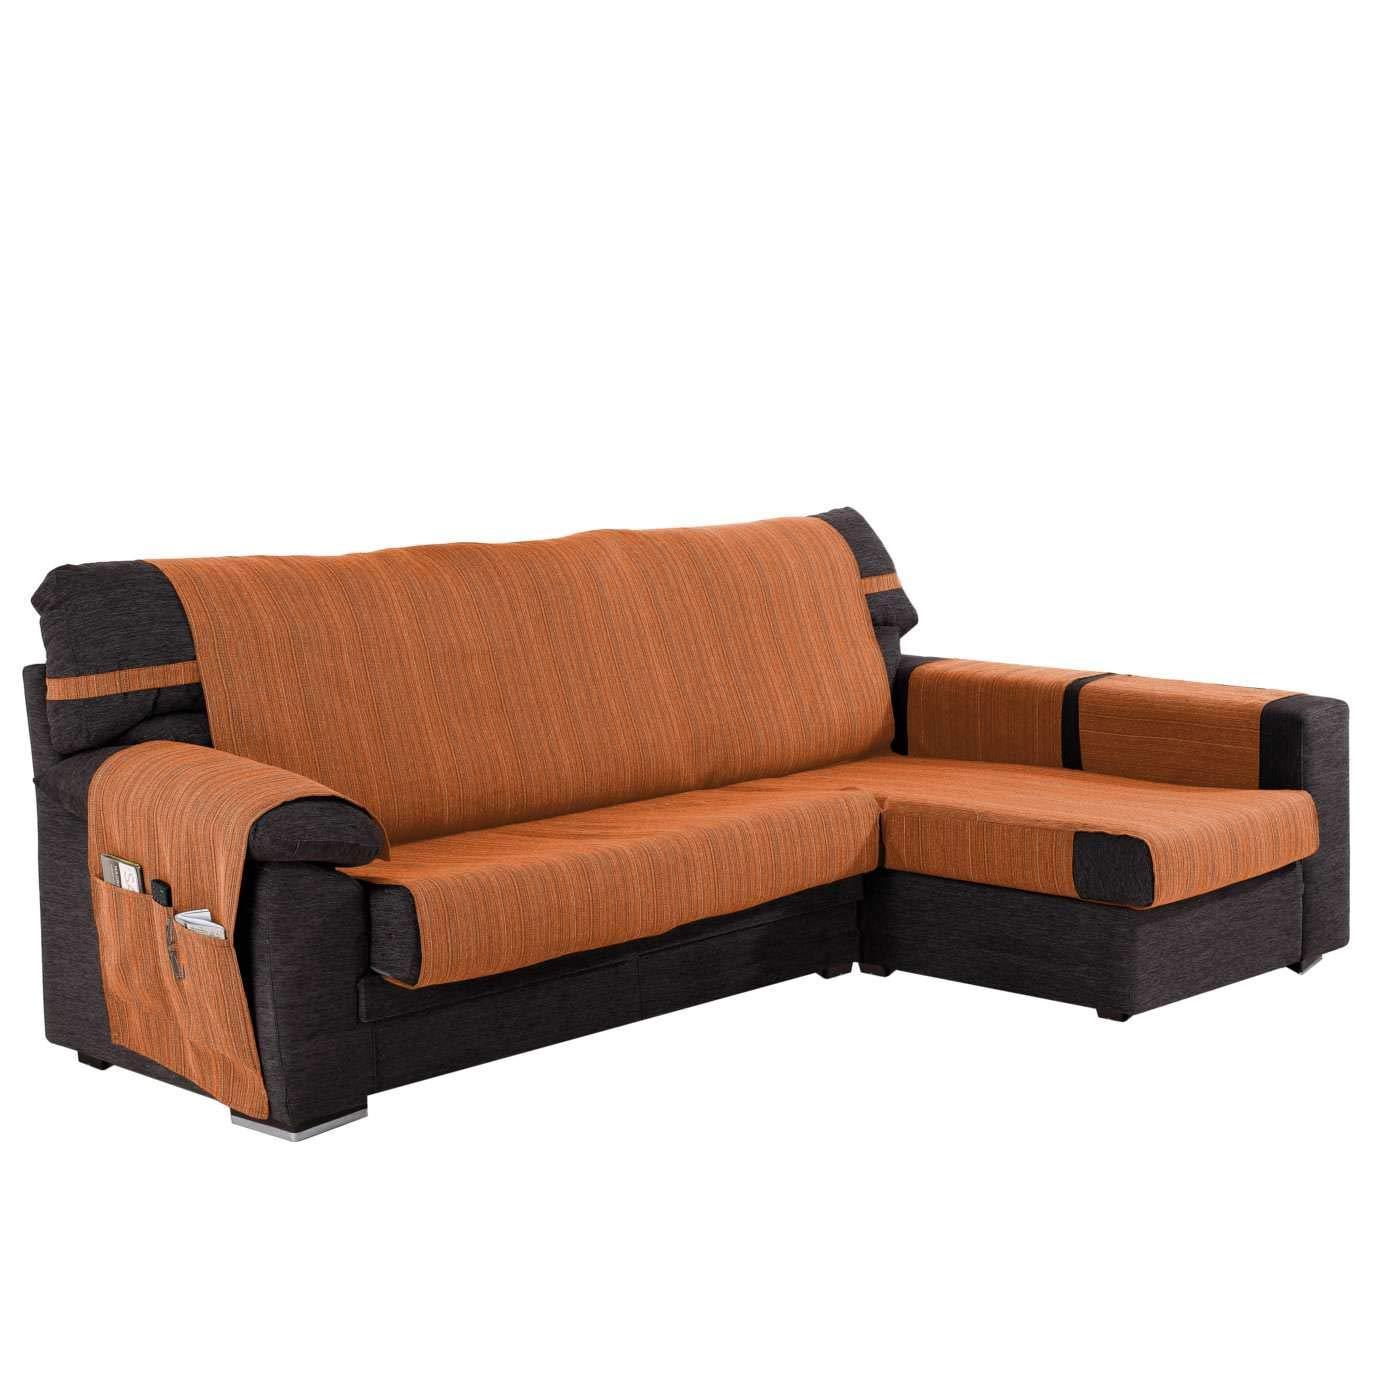 Funda Cubre Chaise Longue Modelo Darsena, Color Naranja, Medida Brazo Derecho – 280cm (Mirándolo de Frente)